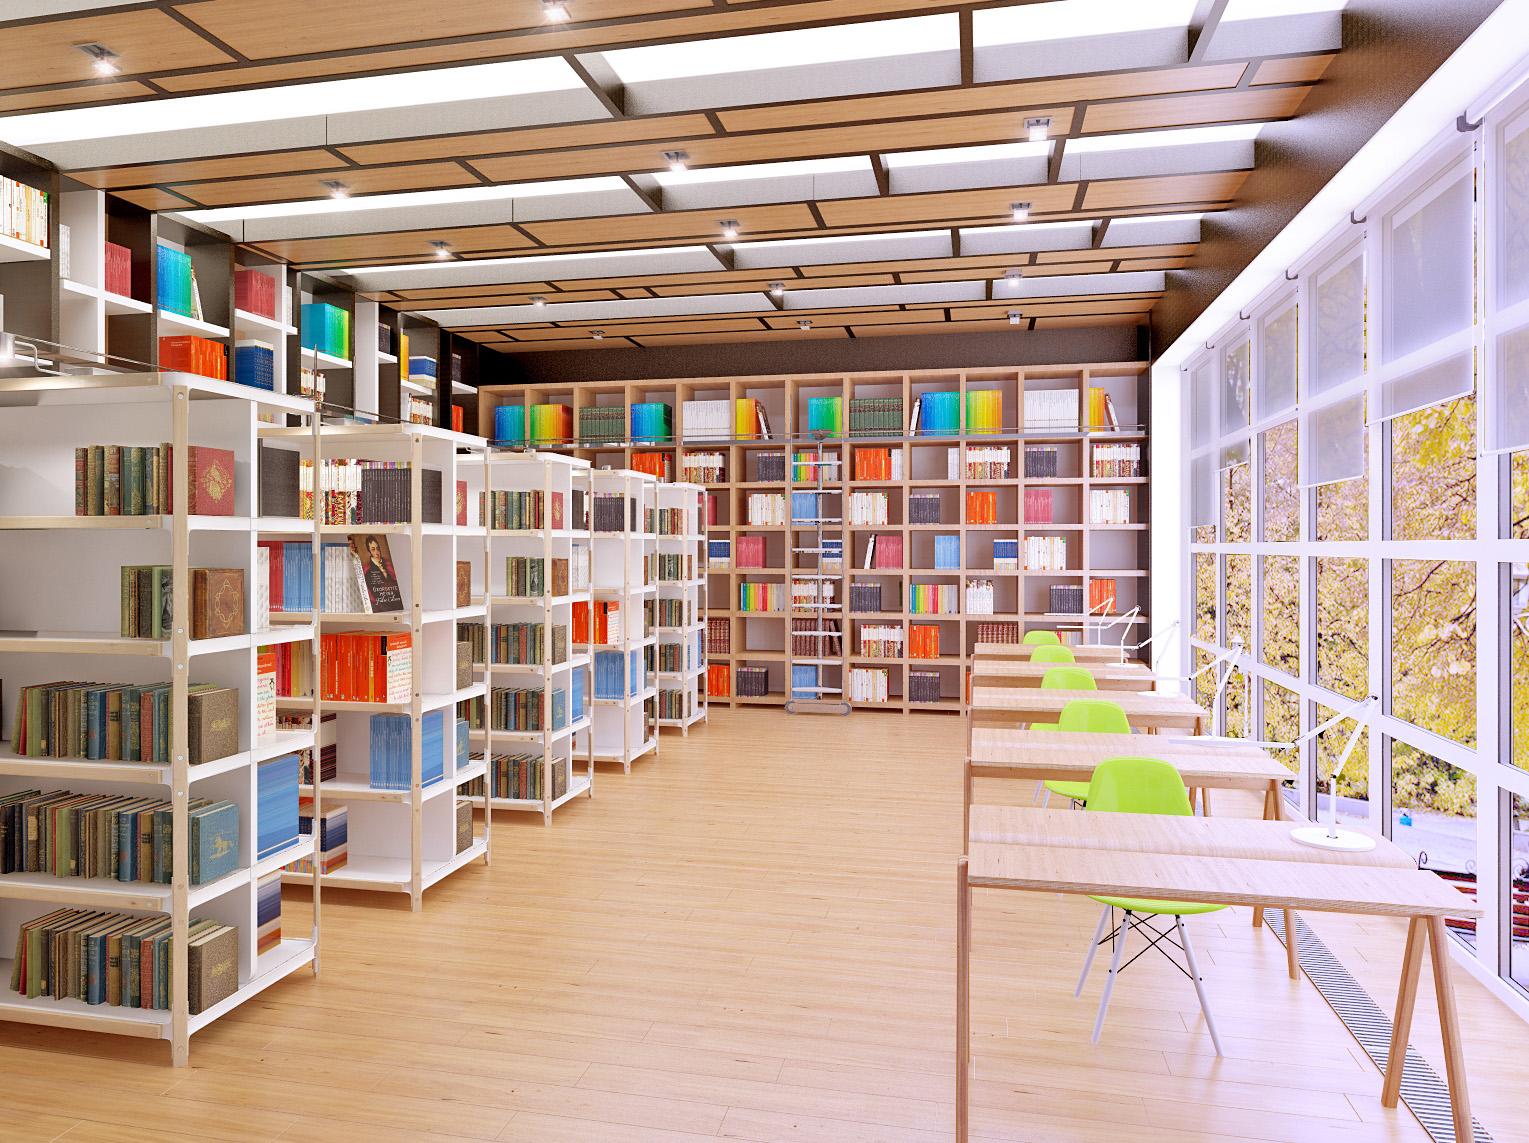 Дизайн помещений в библиотеке